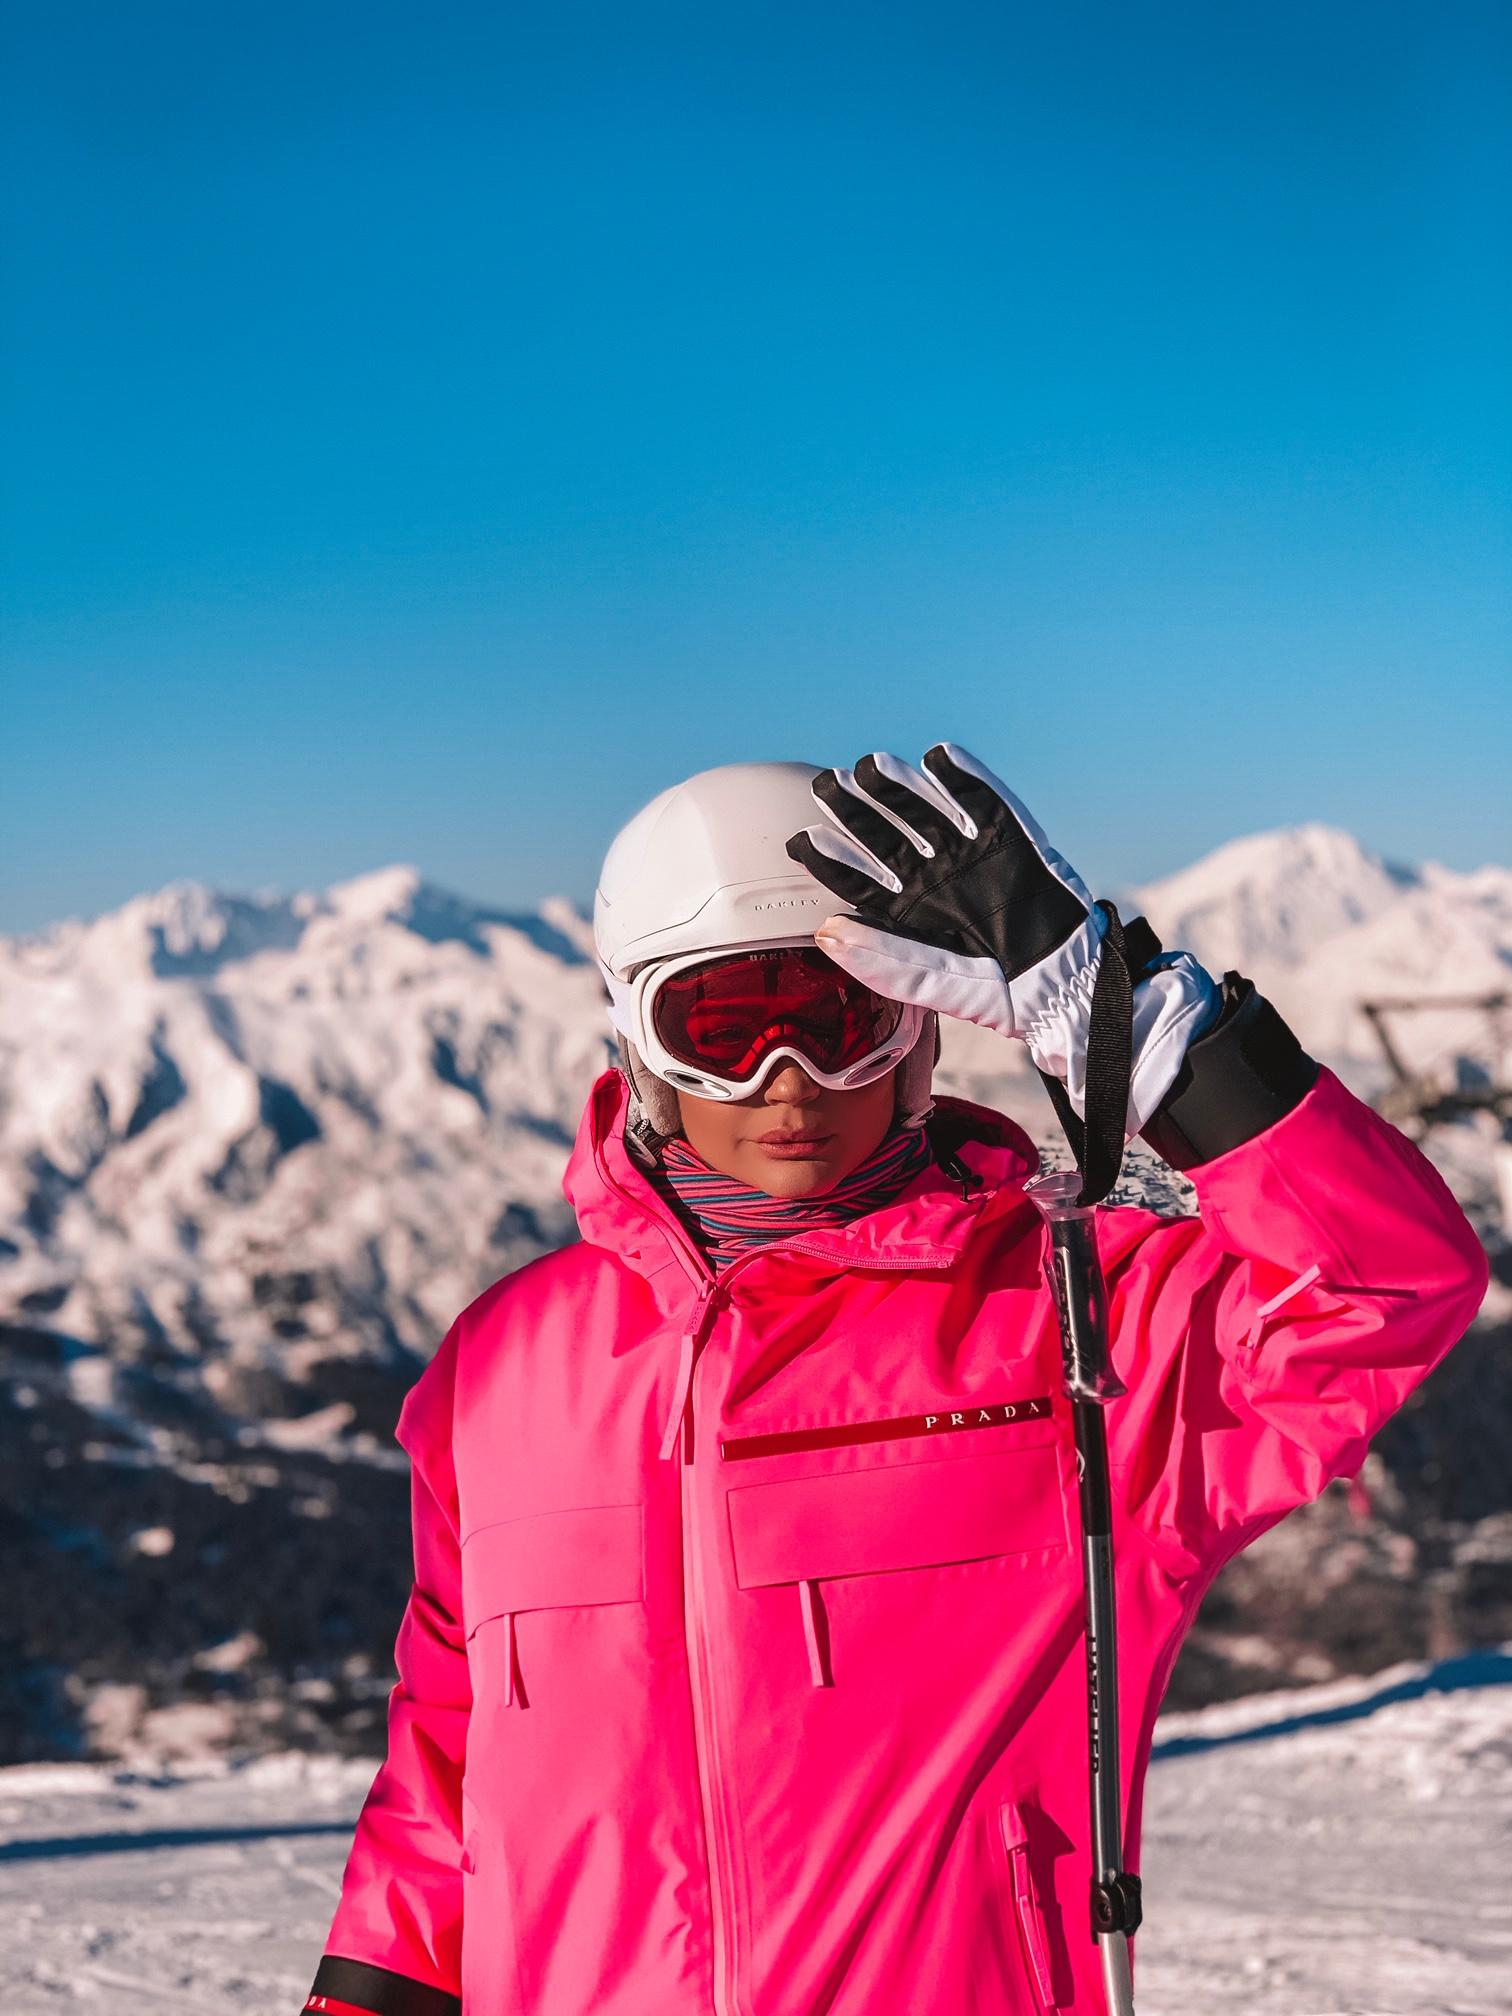 Thássia ski courchevel rosa neon 6